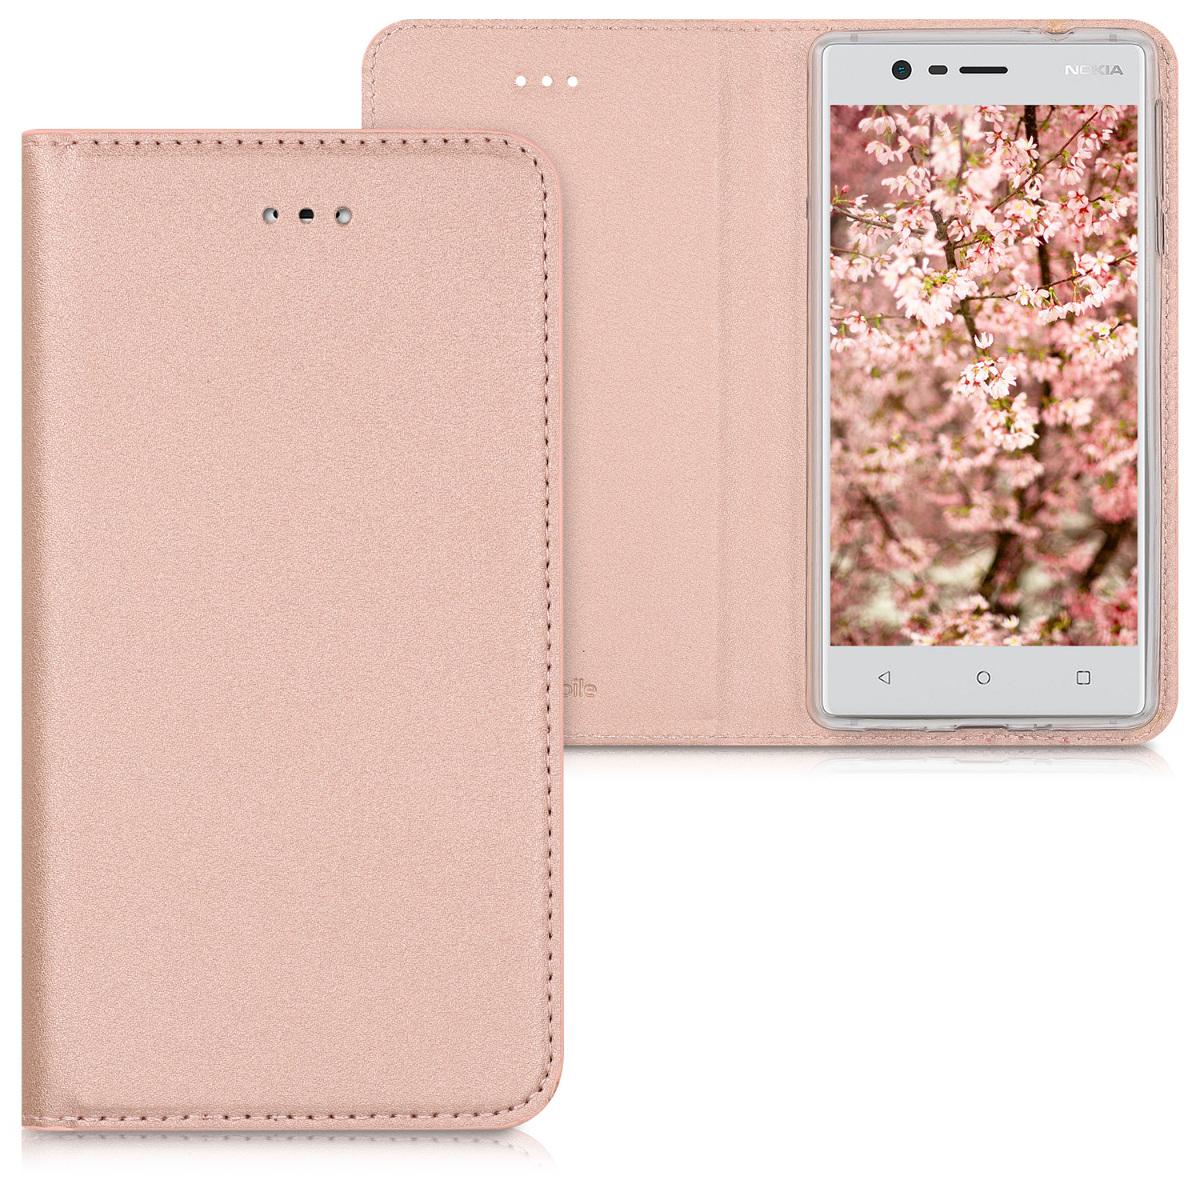 KW Θήκη Flip Nokia 3 - Rose Gold (41105.81)